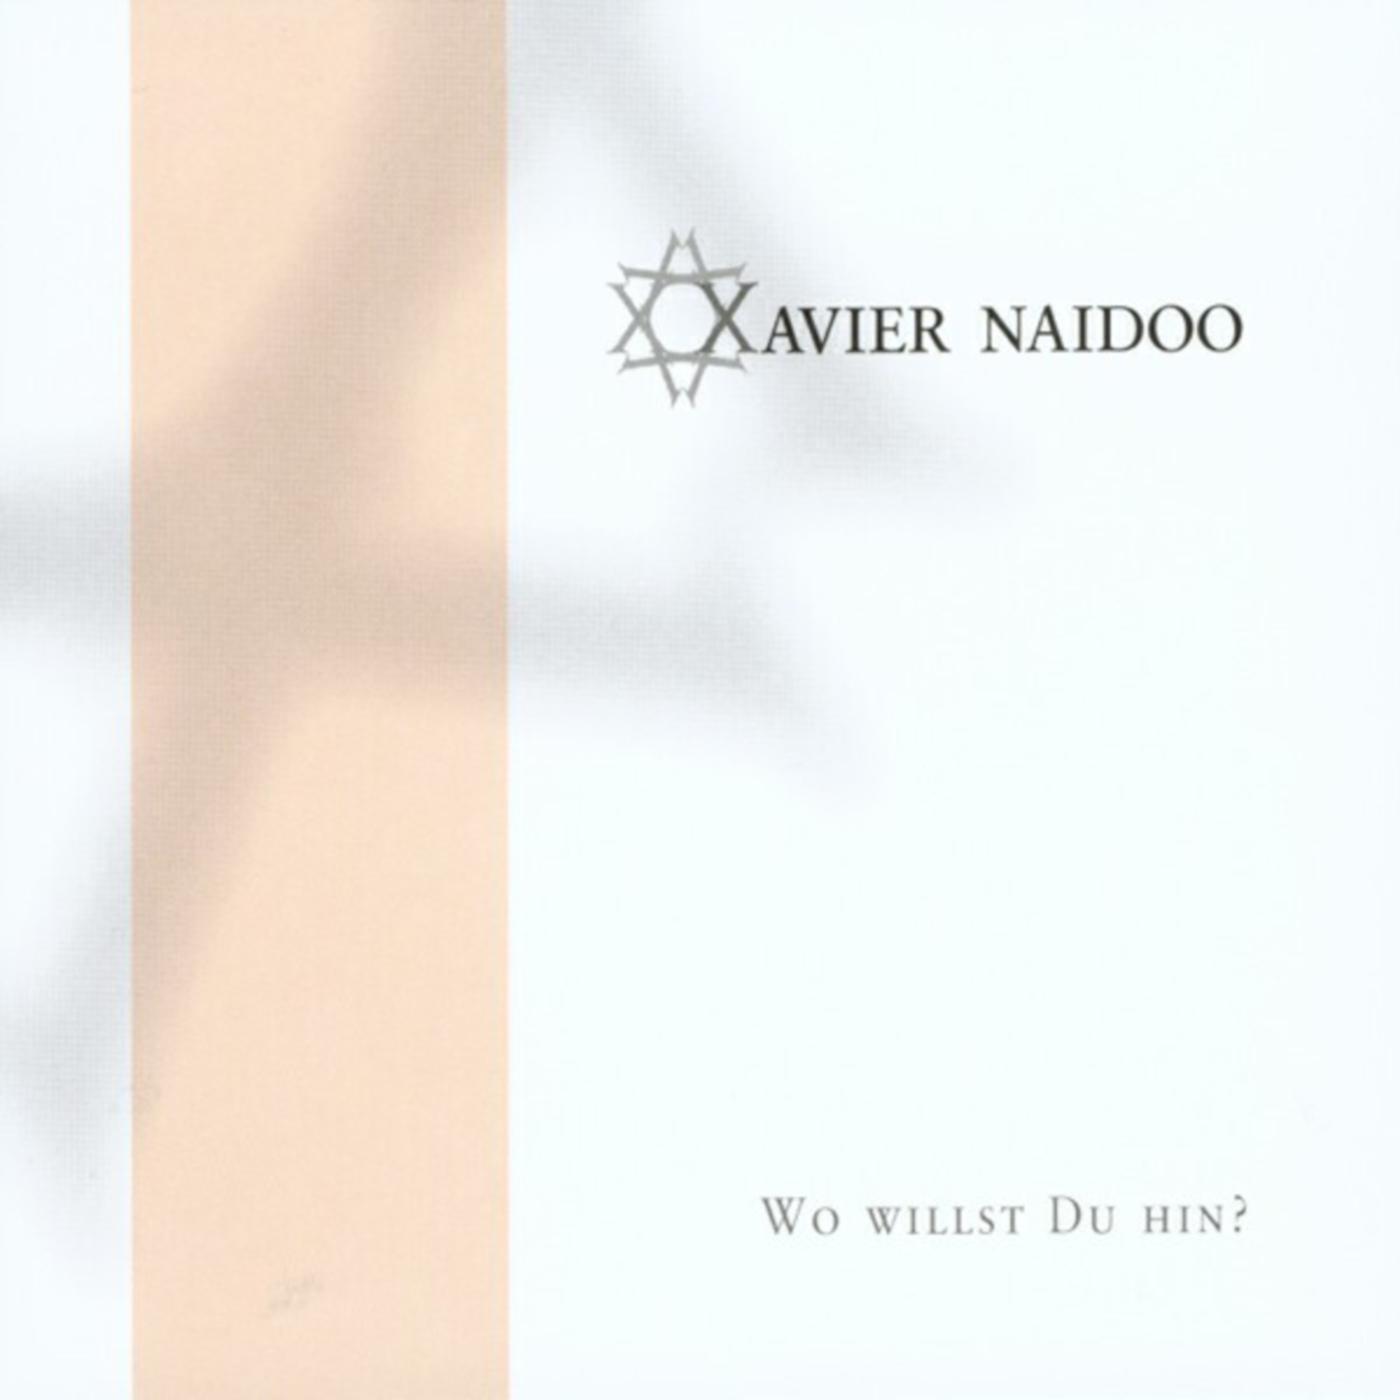 Wo Willst Du Hin? - Xavier Naidoo